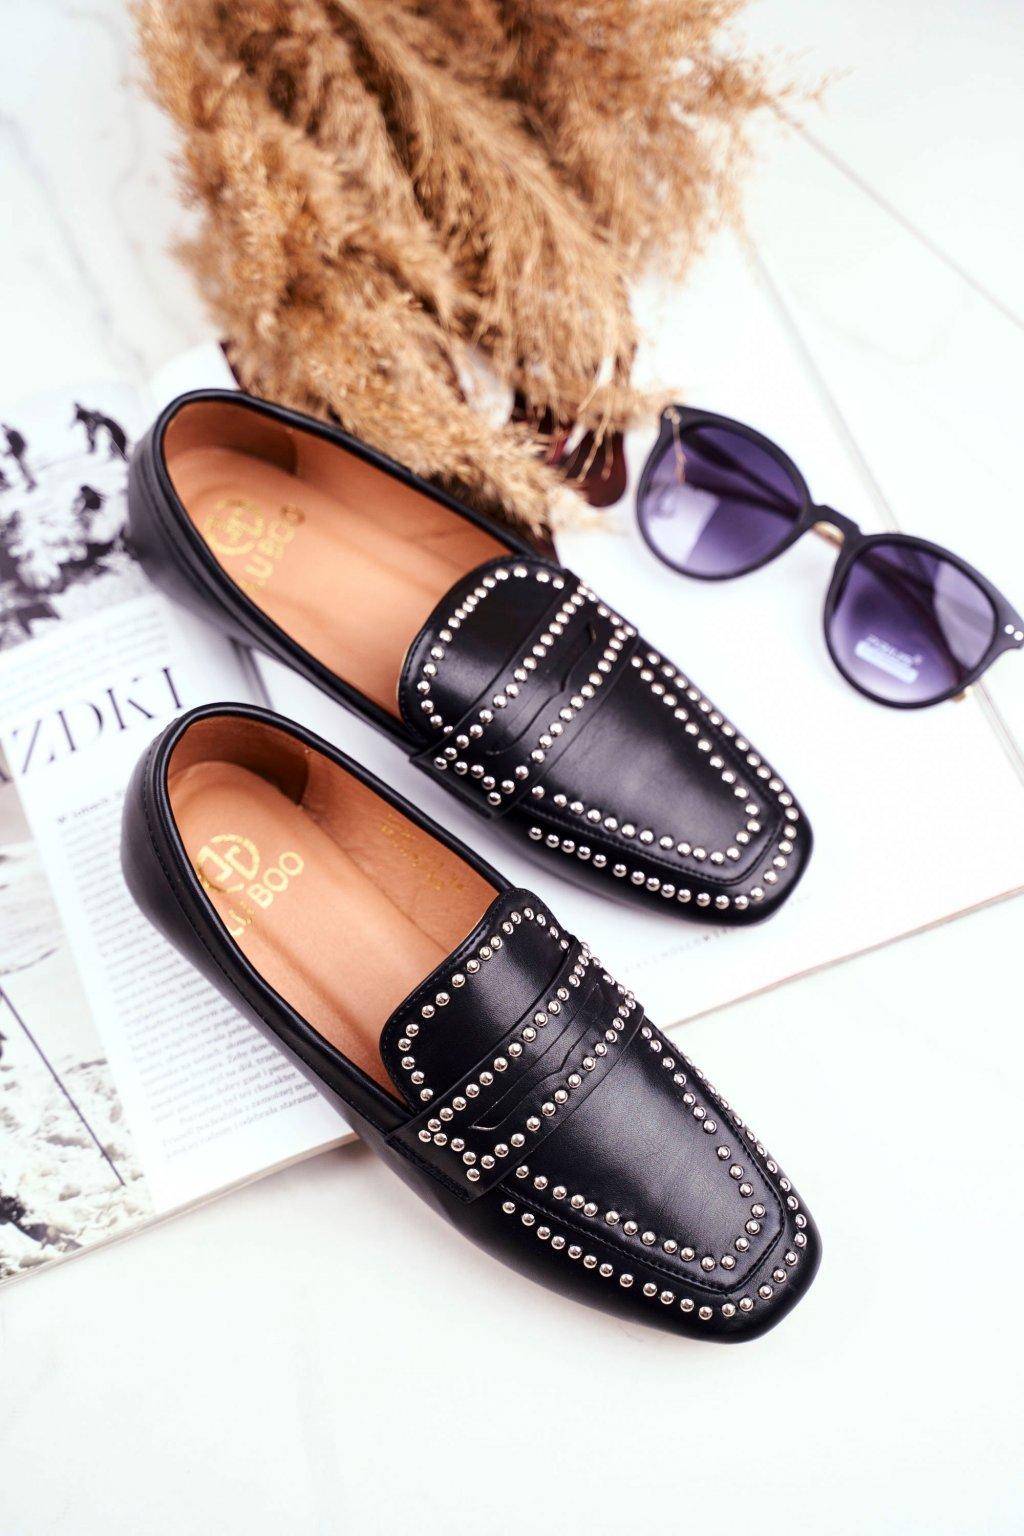 Čierne topánky s ozdobou NJSK 588B-TA1 BLK PU